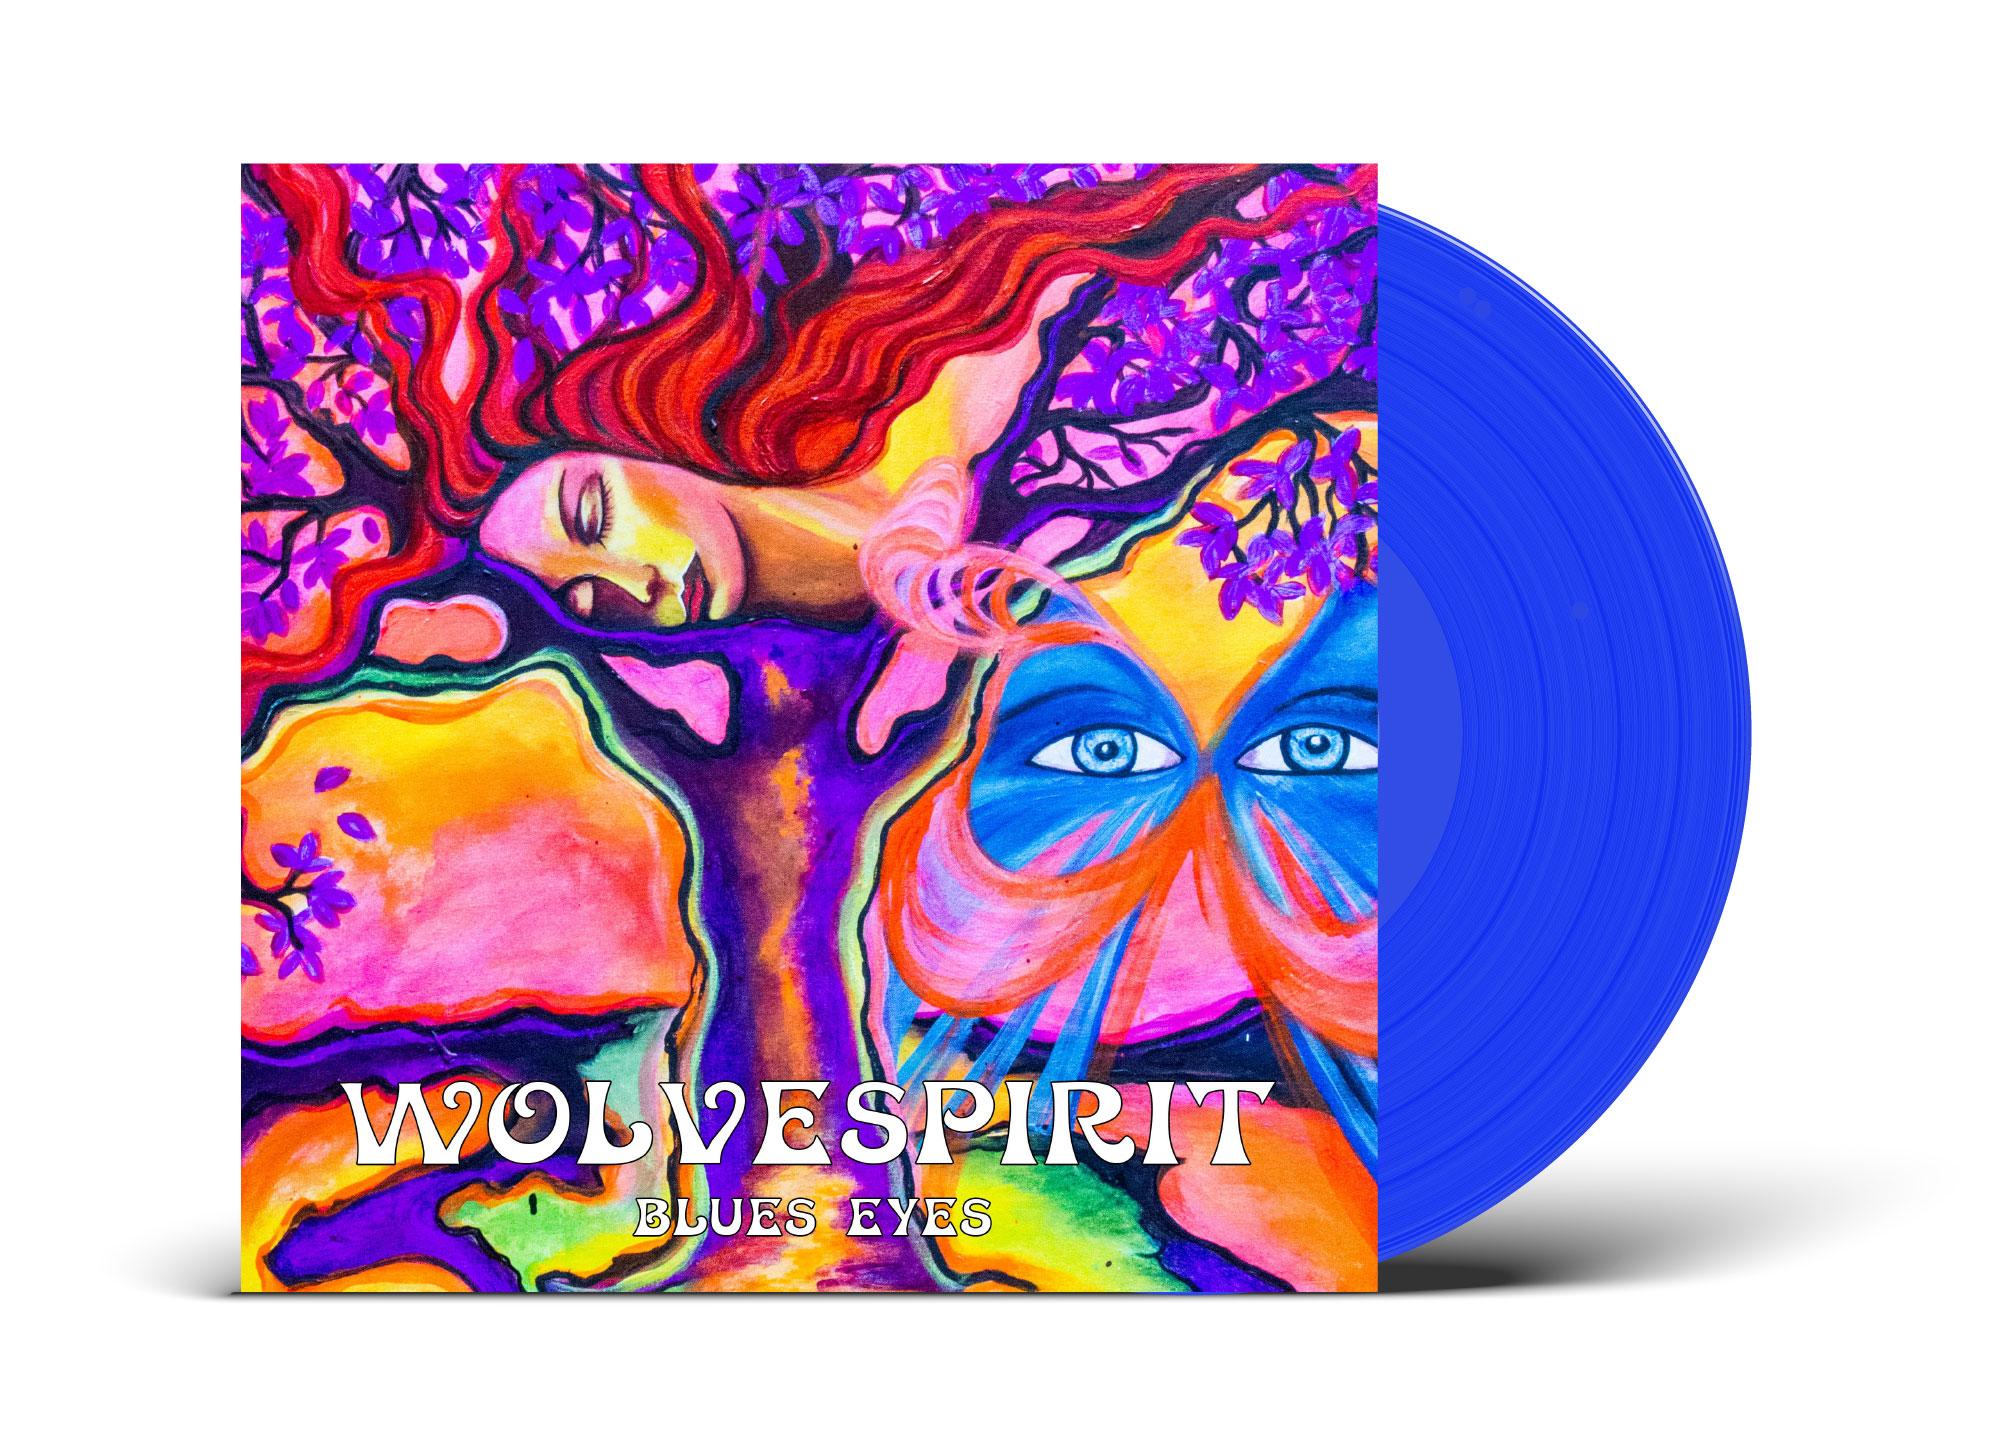 Blue Eyes (Blue Vinyl)